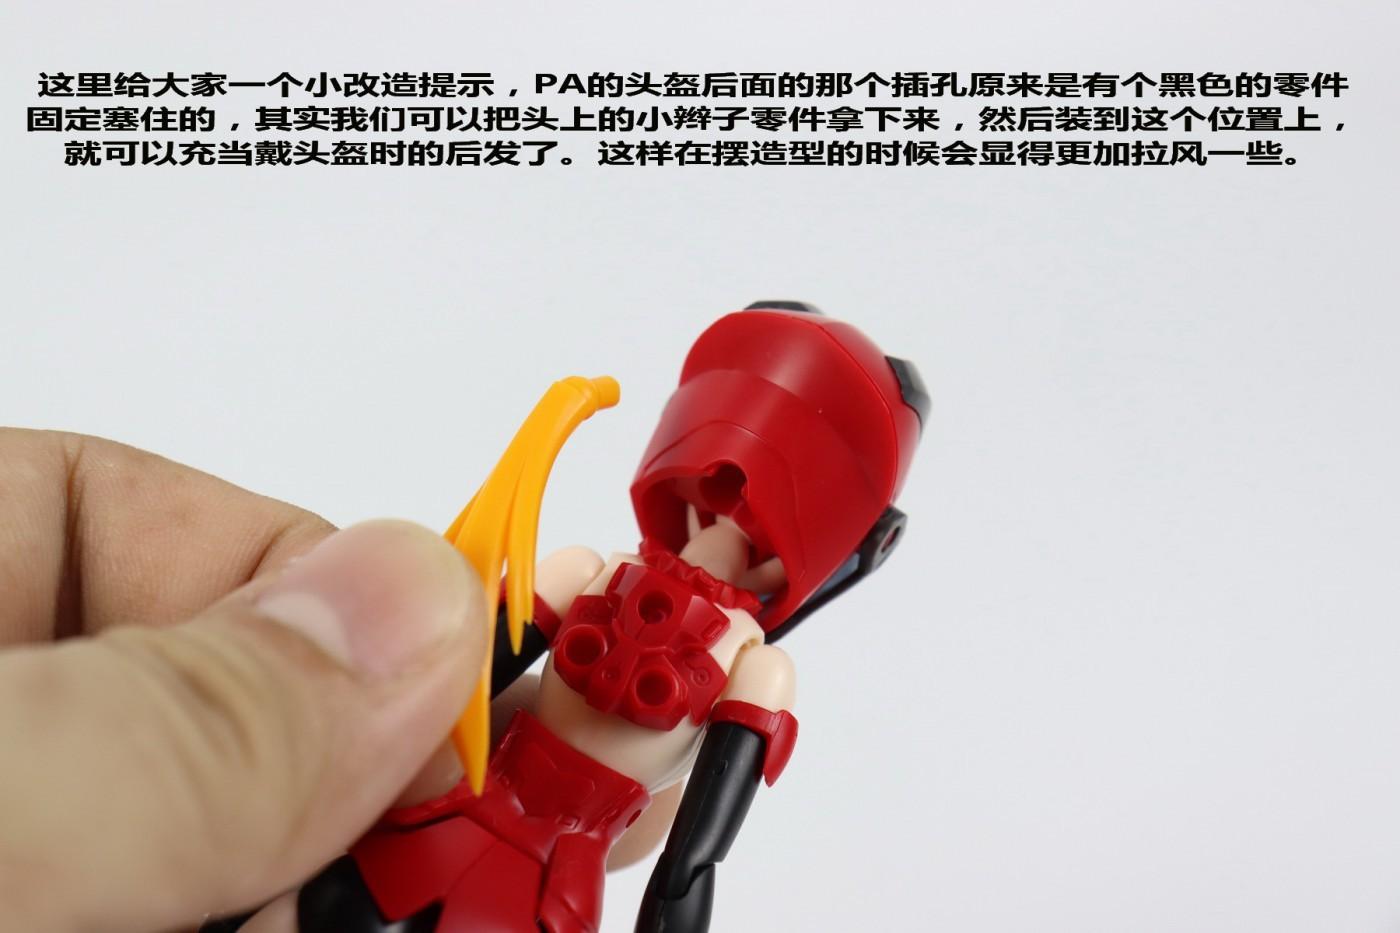 S284_PrettyArmor_v3_red_inask_048.jpg